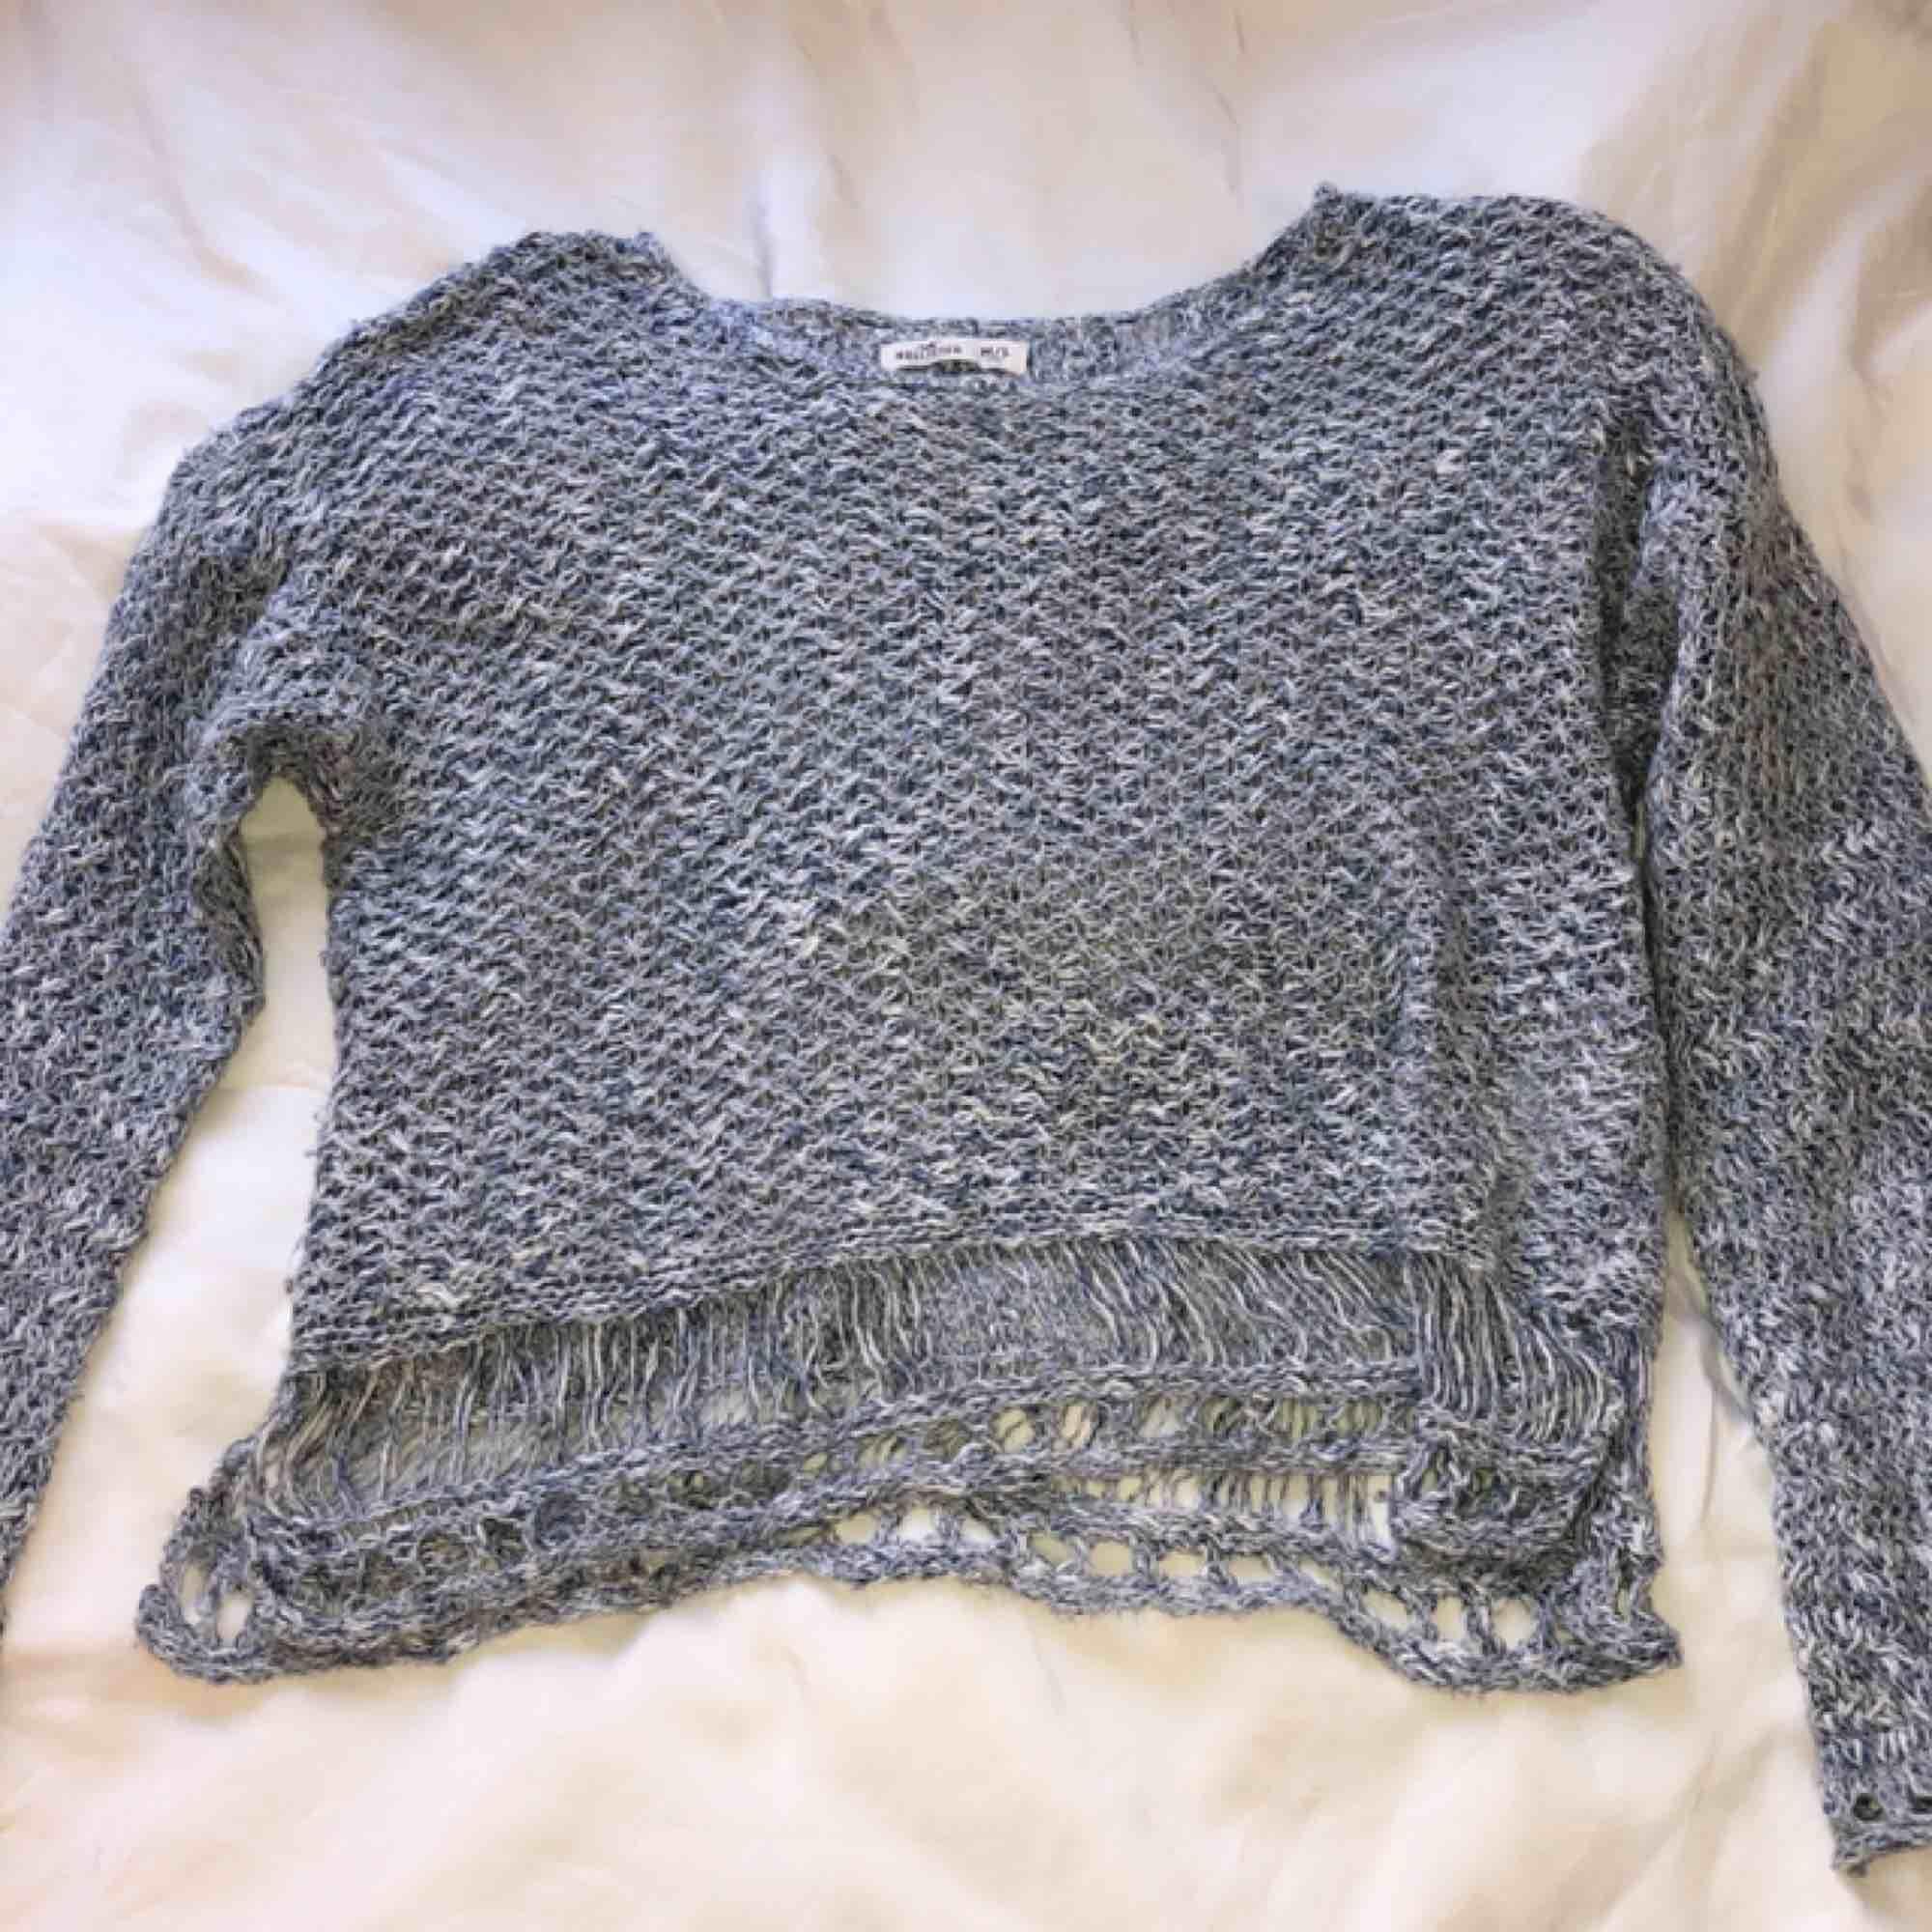 Glest stickad tröja, blå och vit. Vida ärmar. Passar dem flesta storlekar! Iaf XS-M . Stickat.